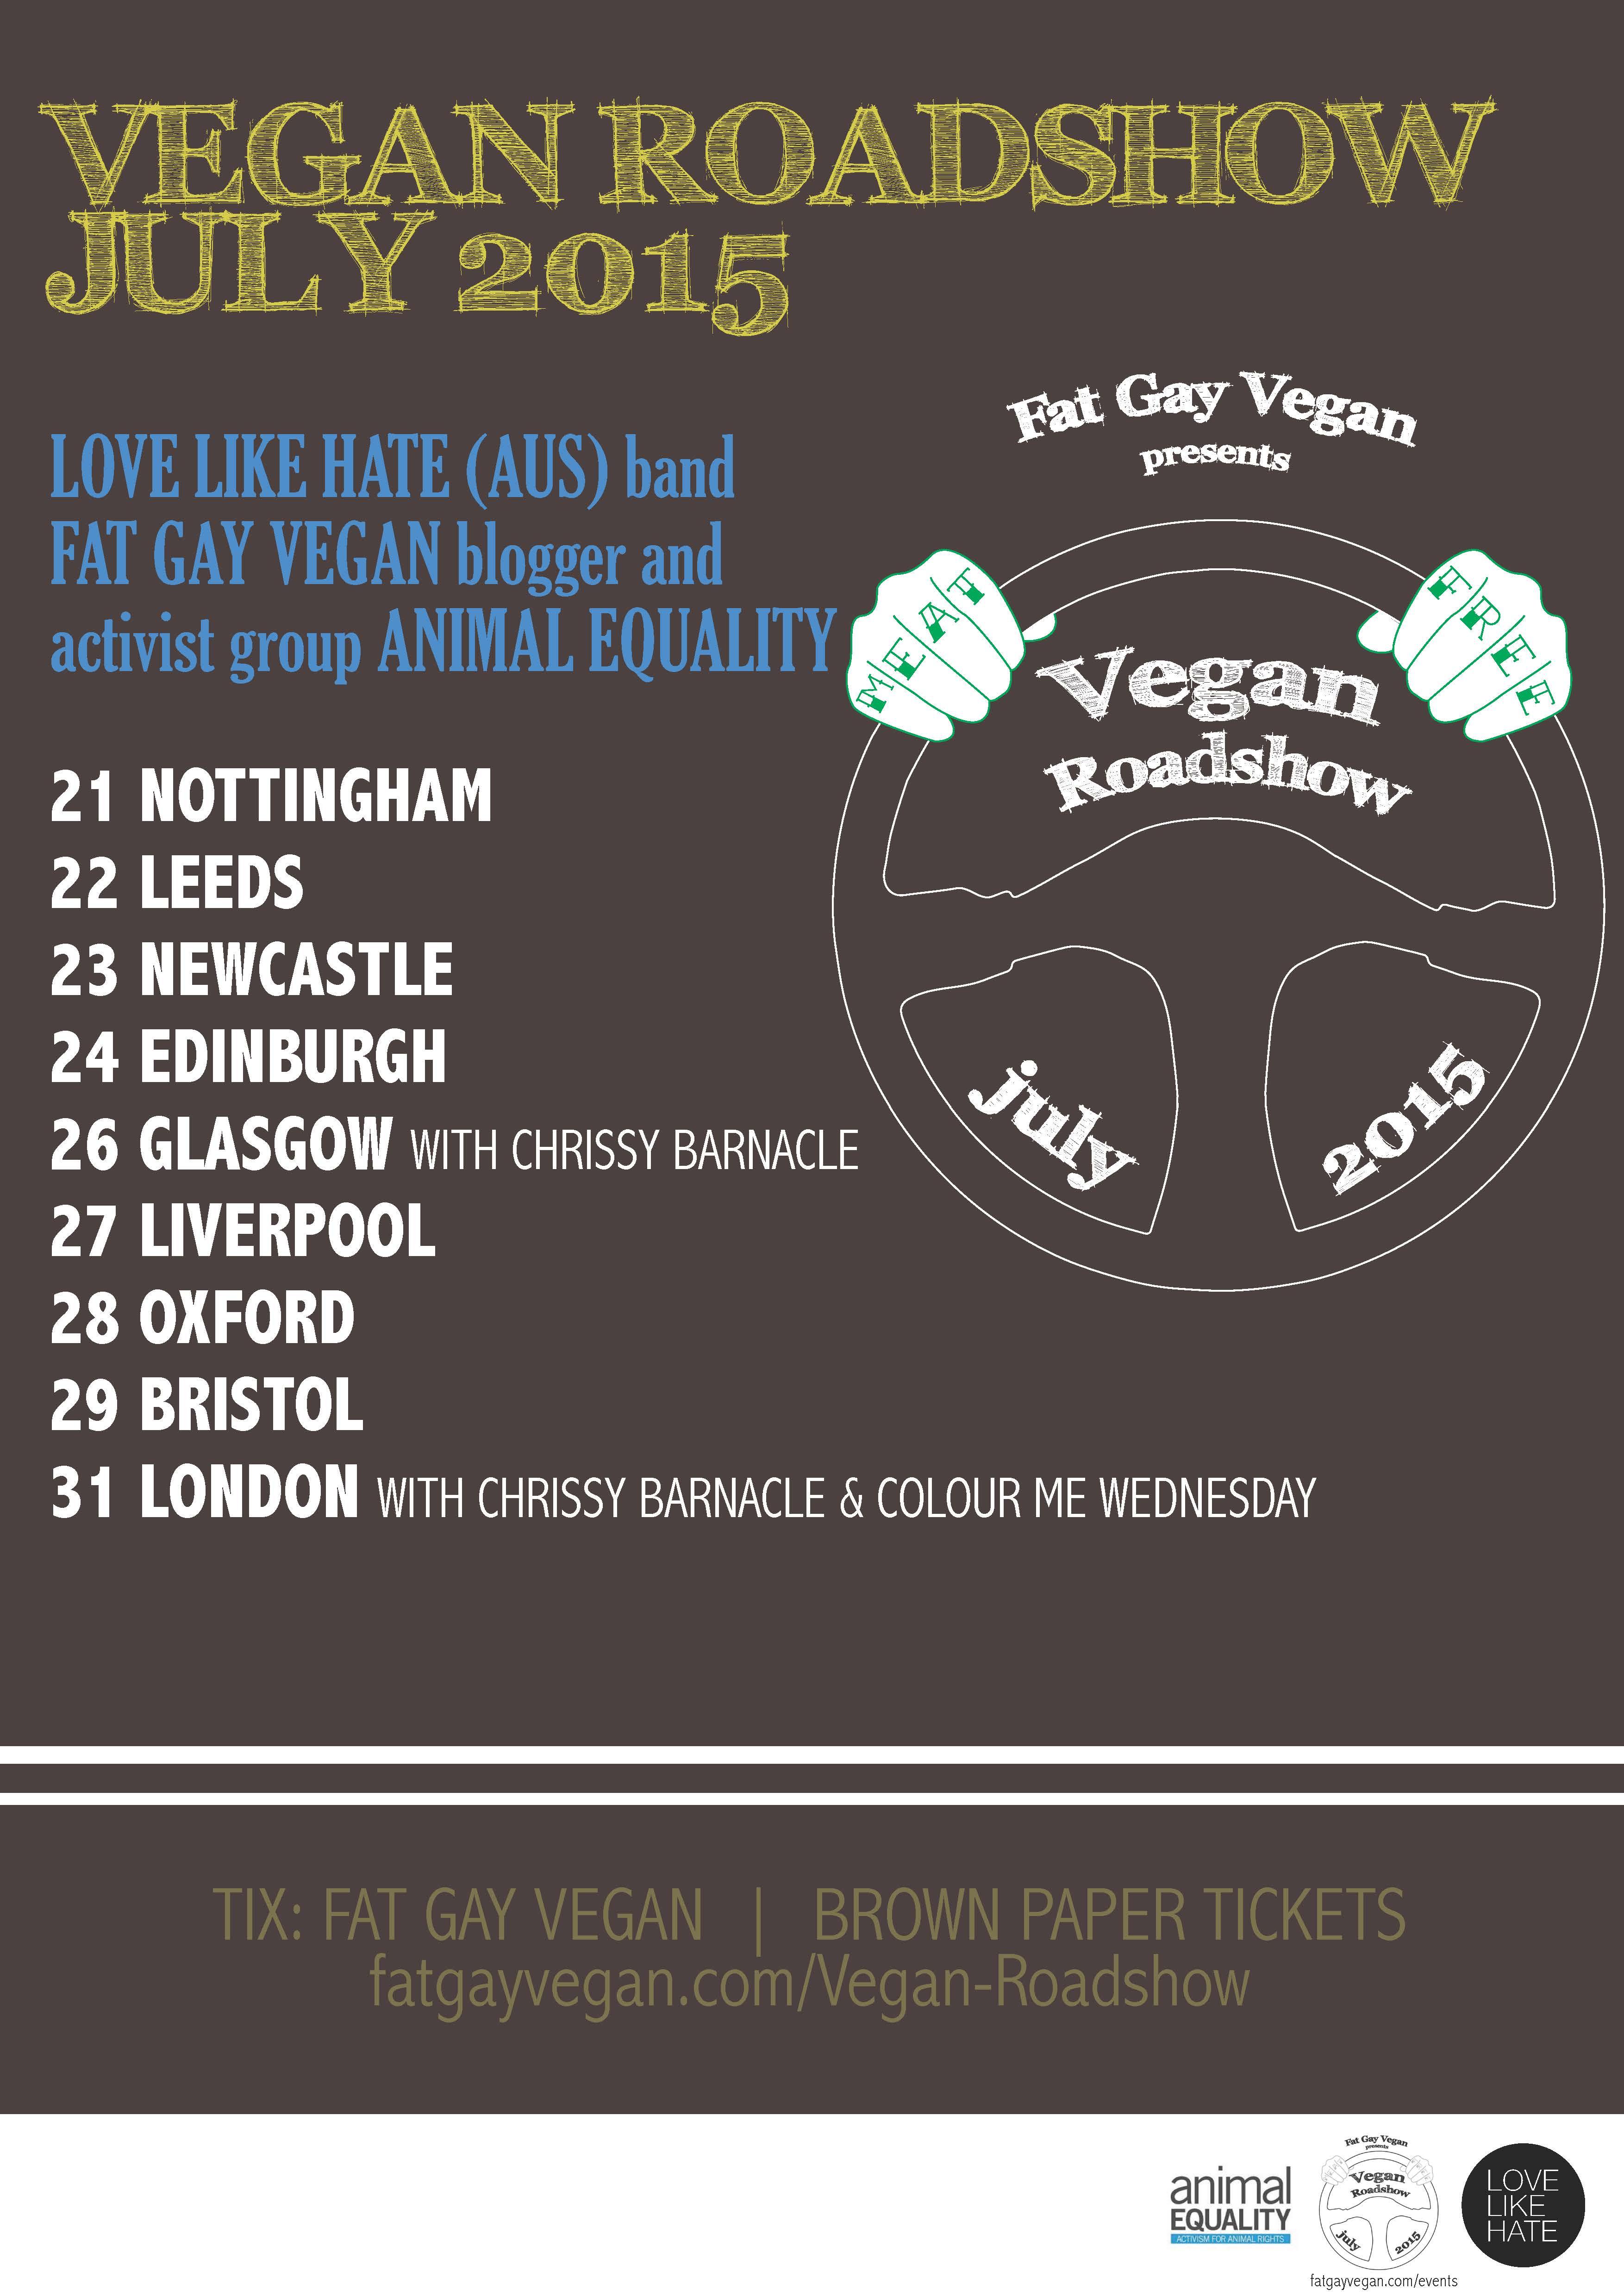 https://i2.wp.com/fatgayvegan.com/wp-content/uploads/2015/08/Fat-Gay-Vegan-Roadshow-Poster1.jpg?fit=3508%2C4961